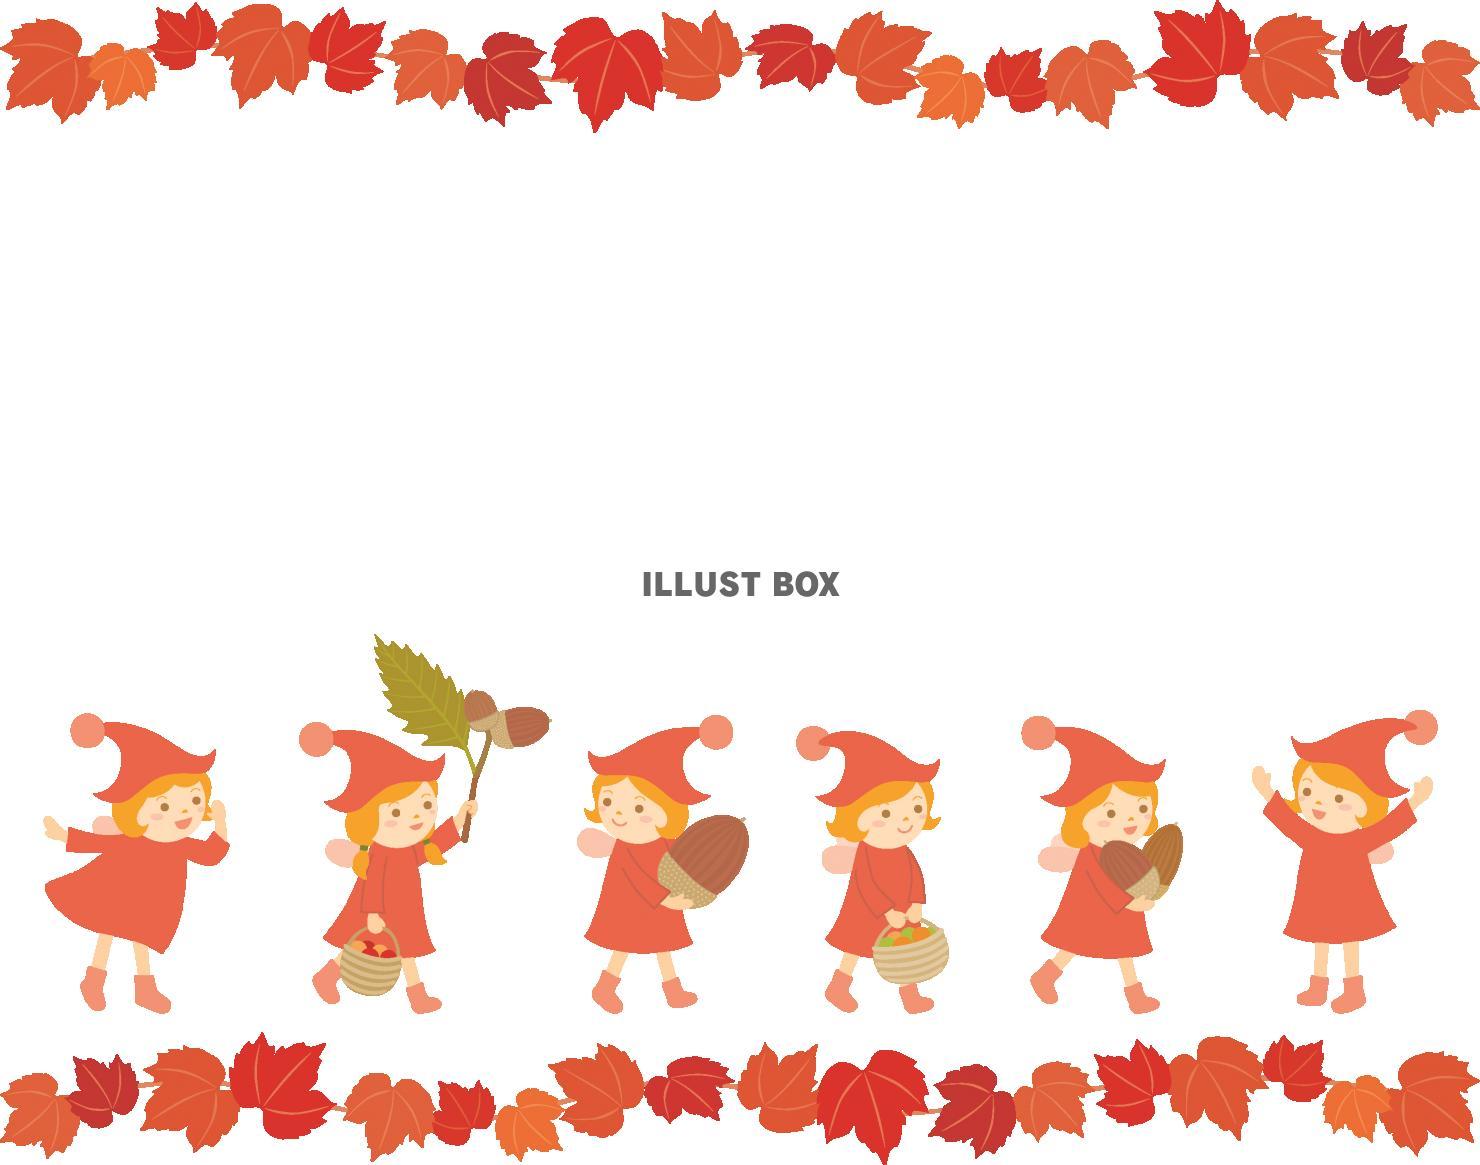 無料イラスト 秋の妖精と紅葉した蔦のイラスト2